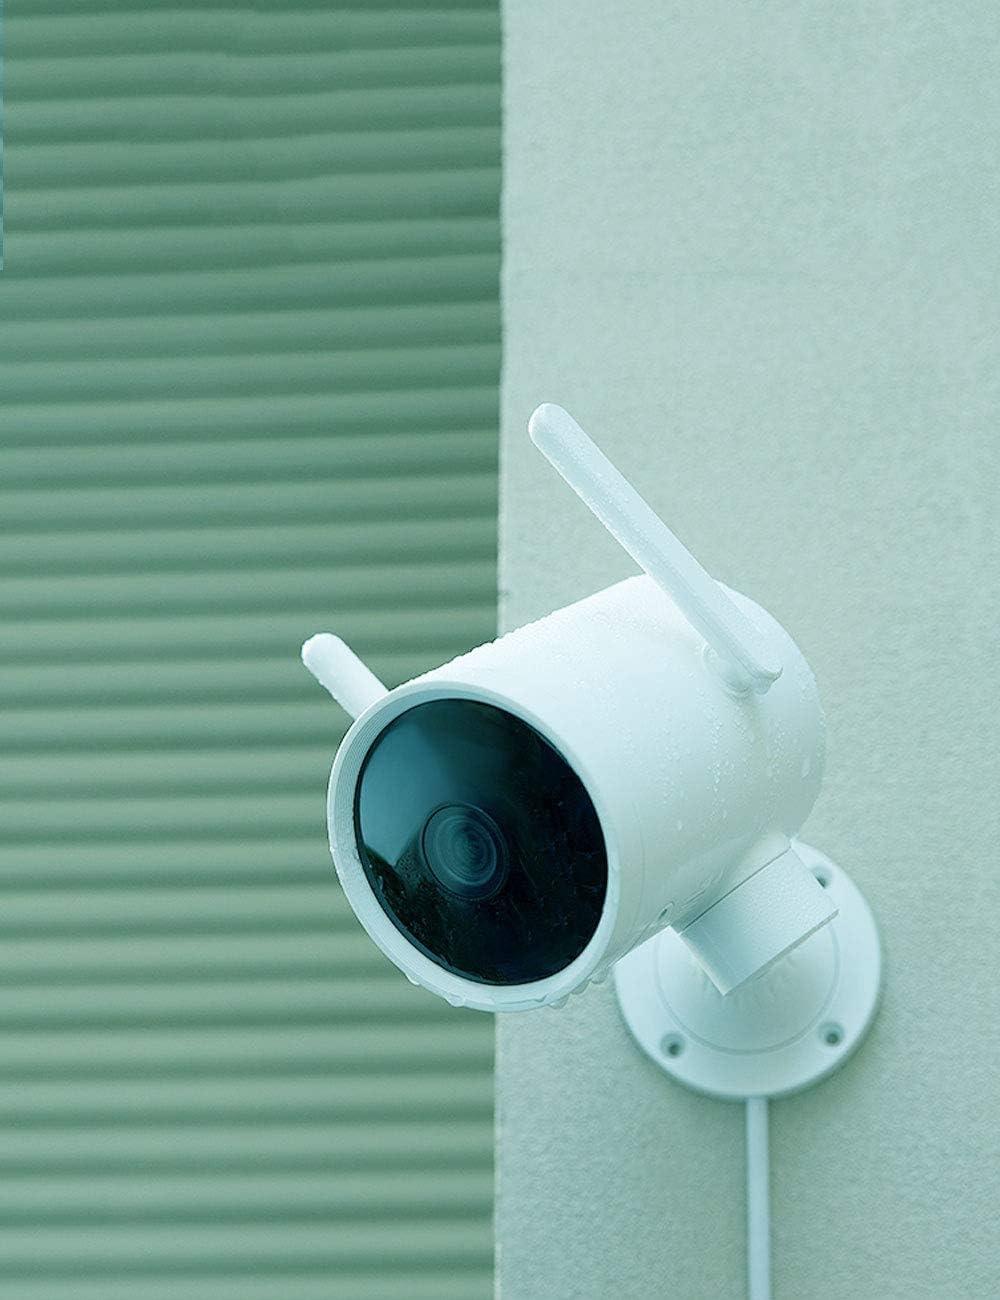 visione notturna avanzata Vista a 270 gradi Hotspot integrato IMILAB EC3 Telecamera di sicurezza per esterni 3MP IP66 impermeabile con rilevamento umano